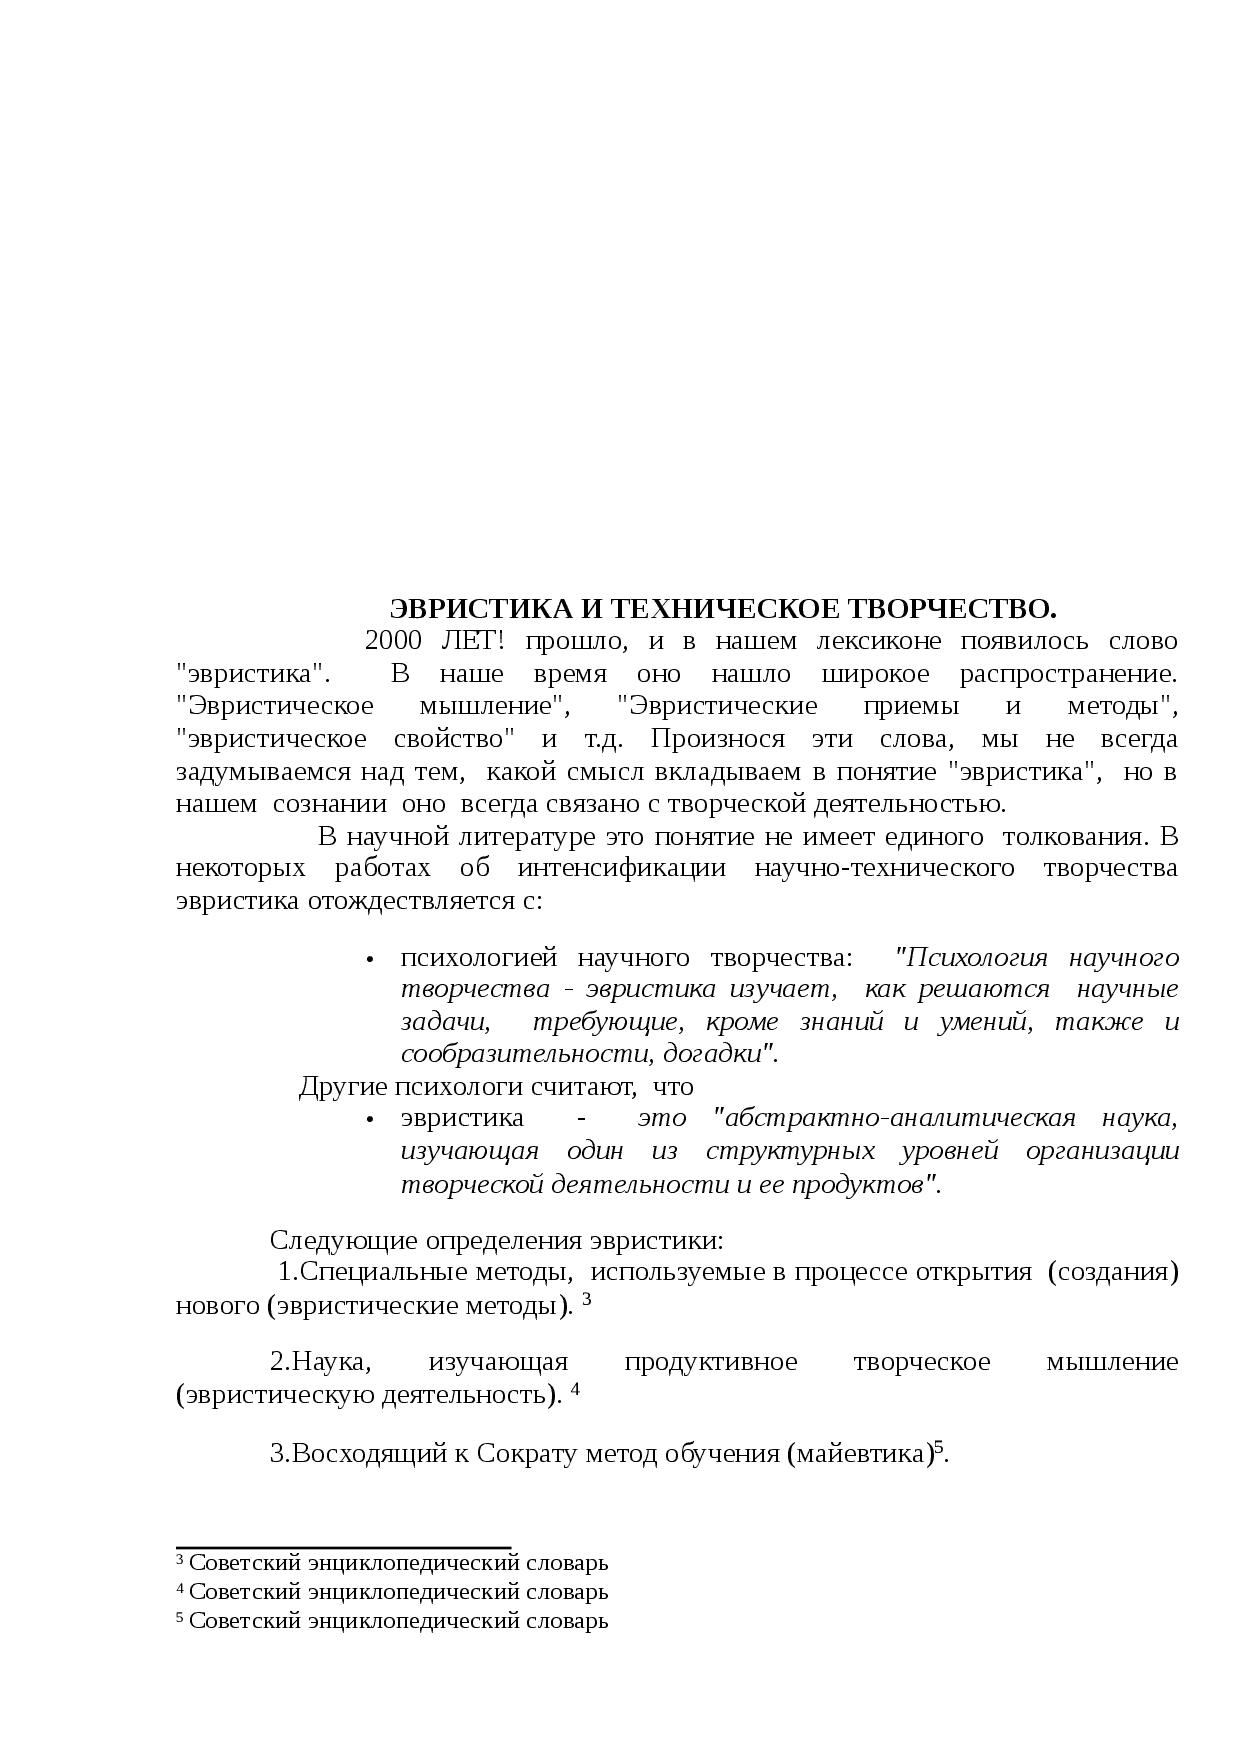 Эвристический - heuristic